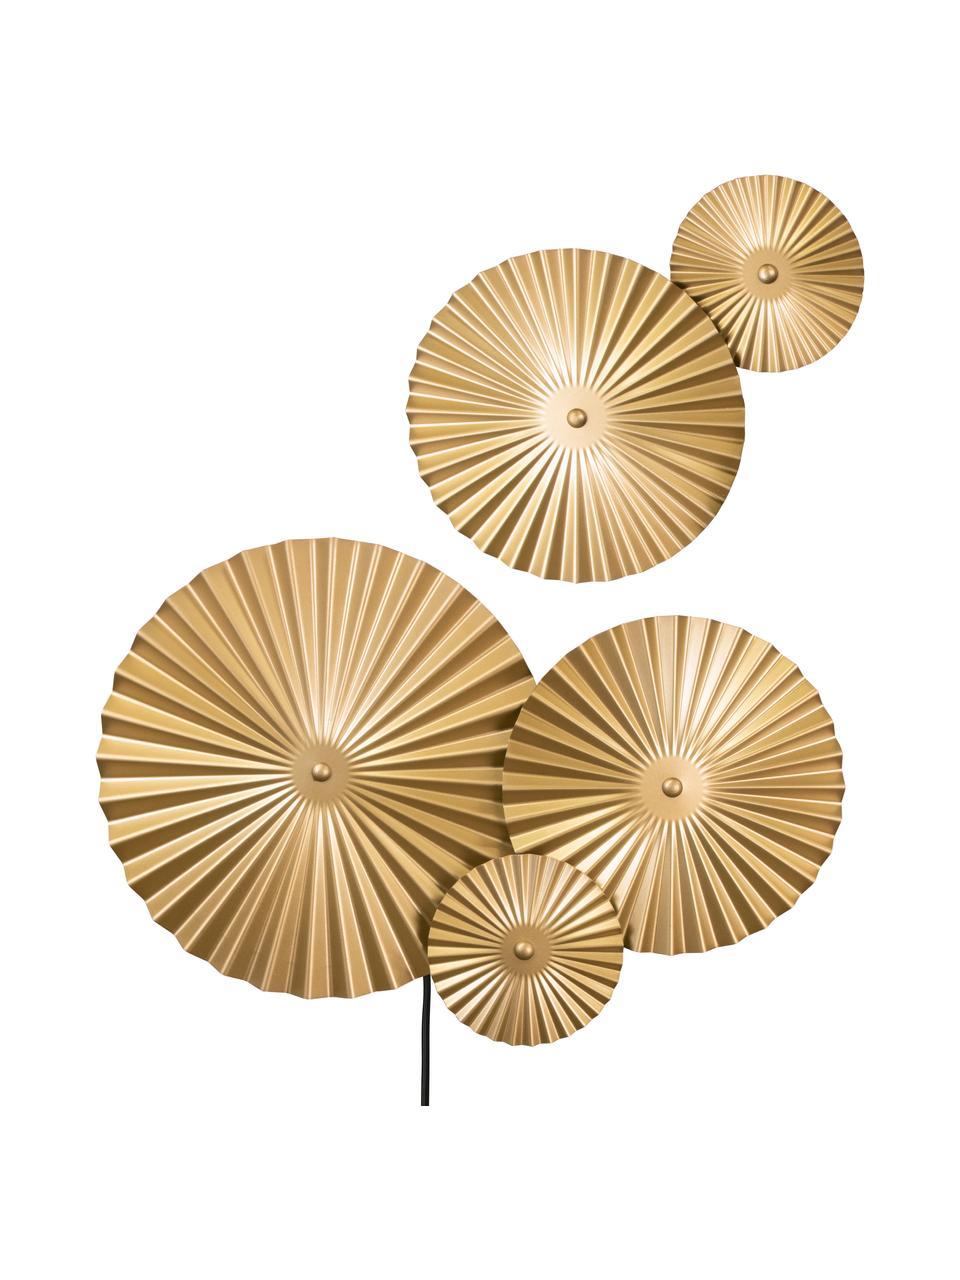 Design LED-Wandleuchte Omega mit Stecker, Lampenschirm: Metall, vermessingt, Messing, 70 x 55 cm